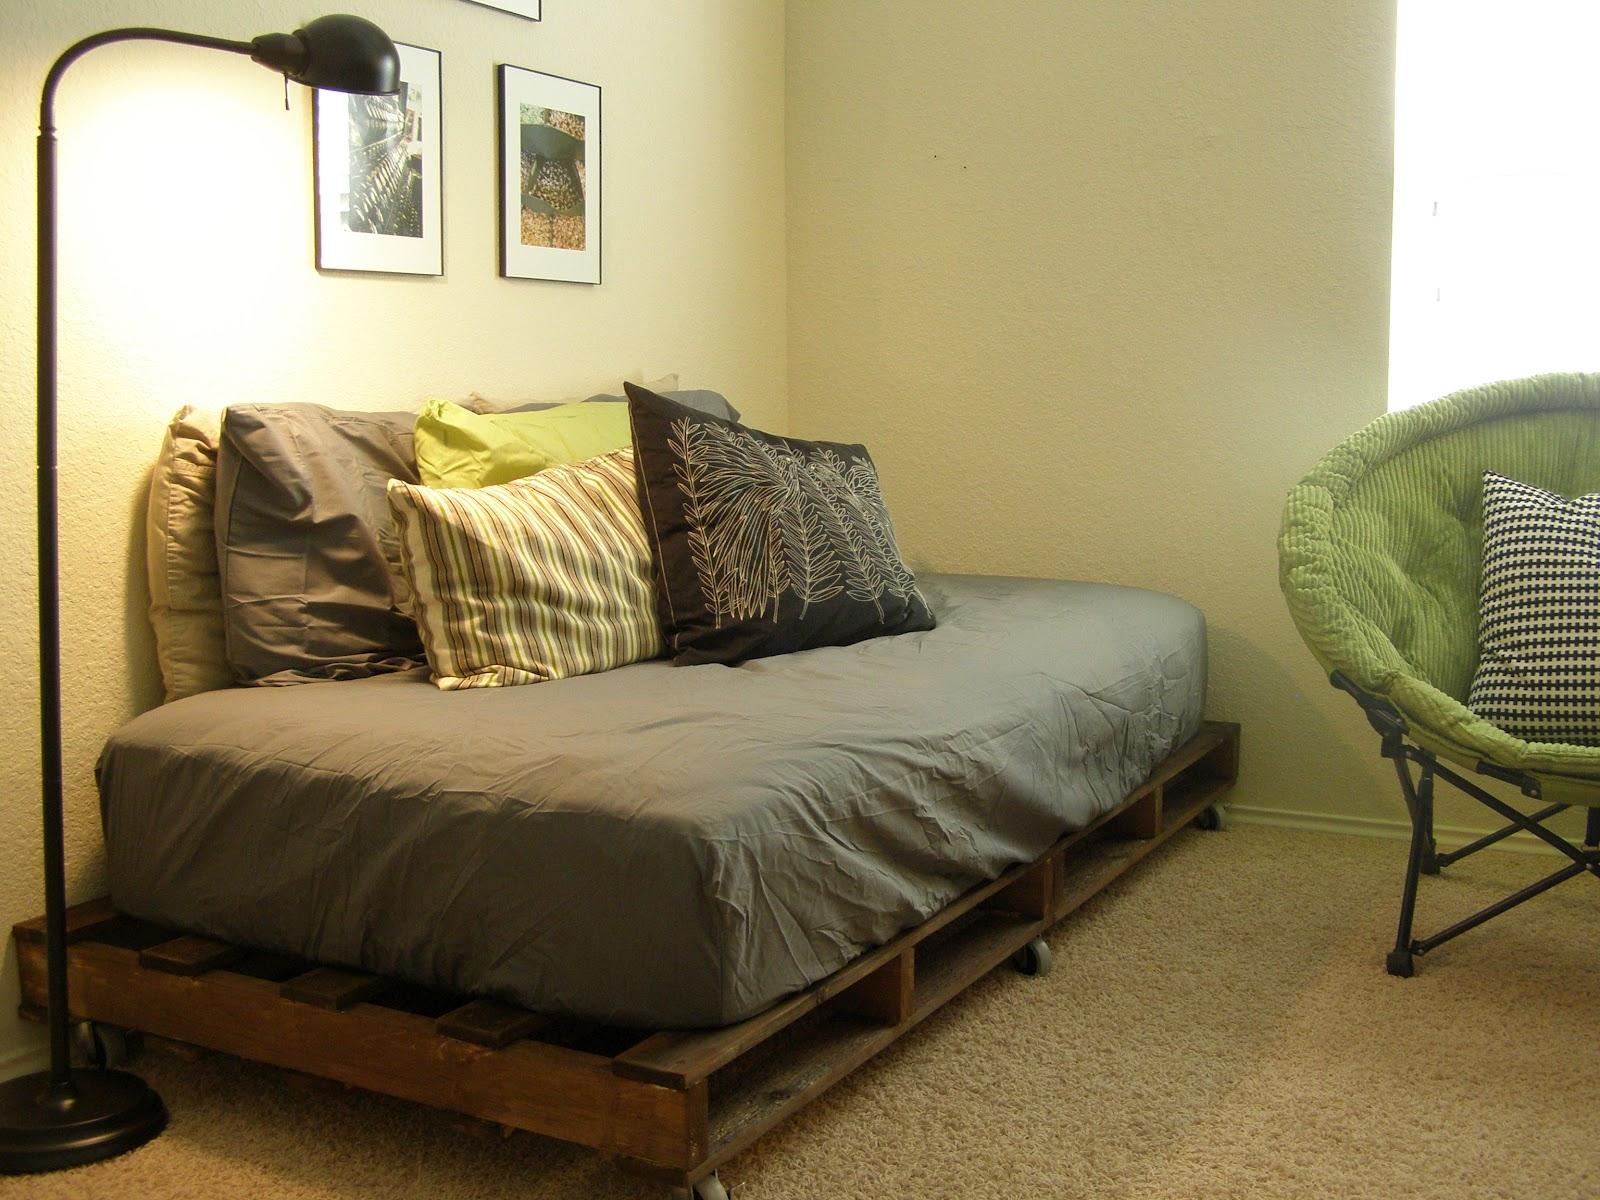 Idea kreatif menggunakan pallet untuk hasilkan sofa dilenkapi kusyen kelabu